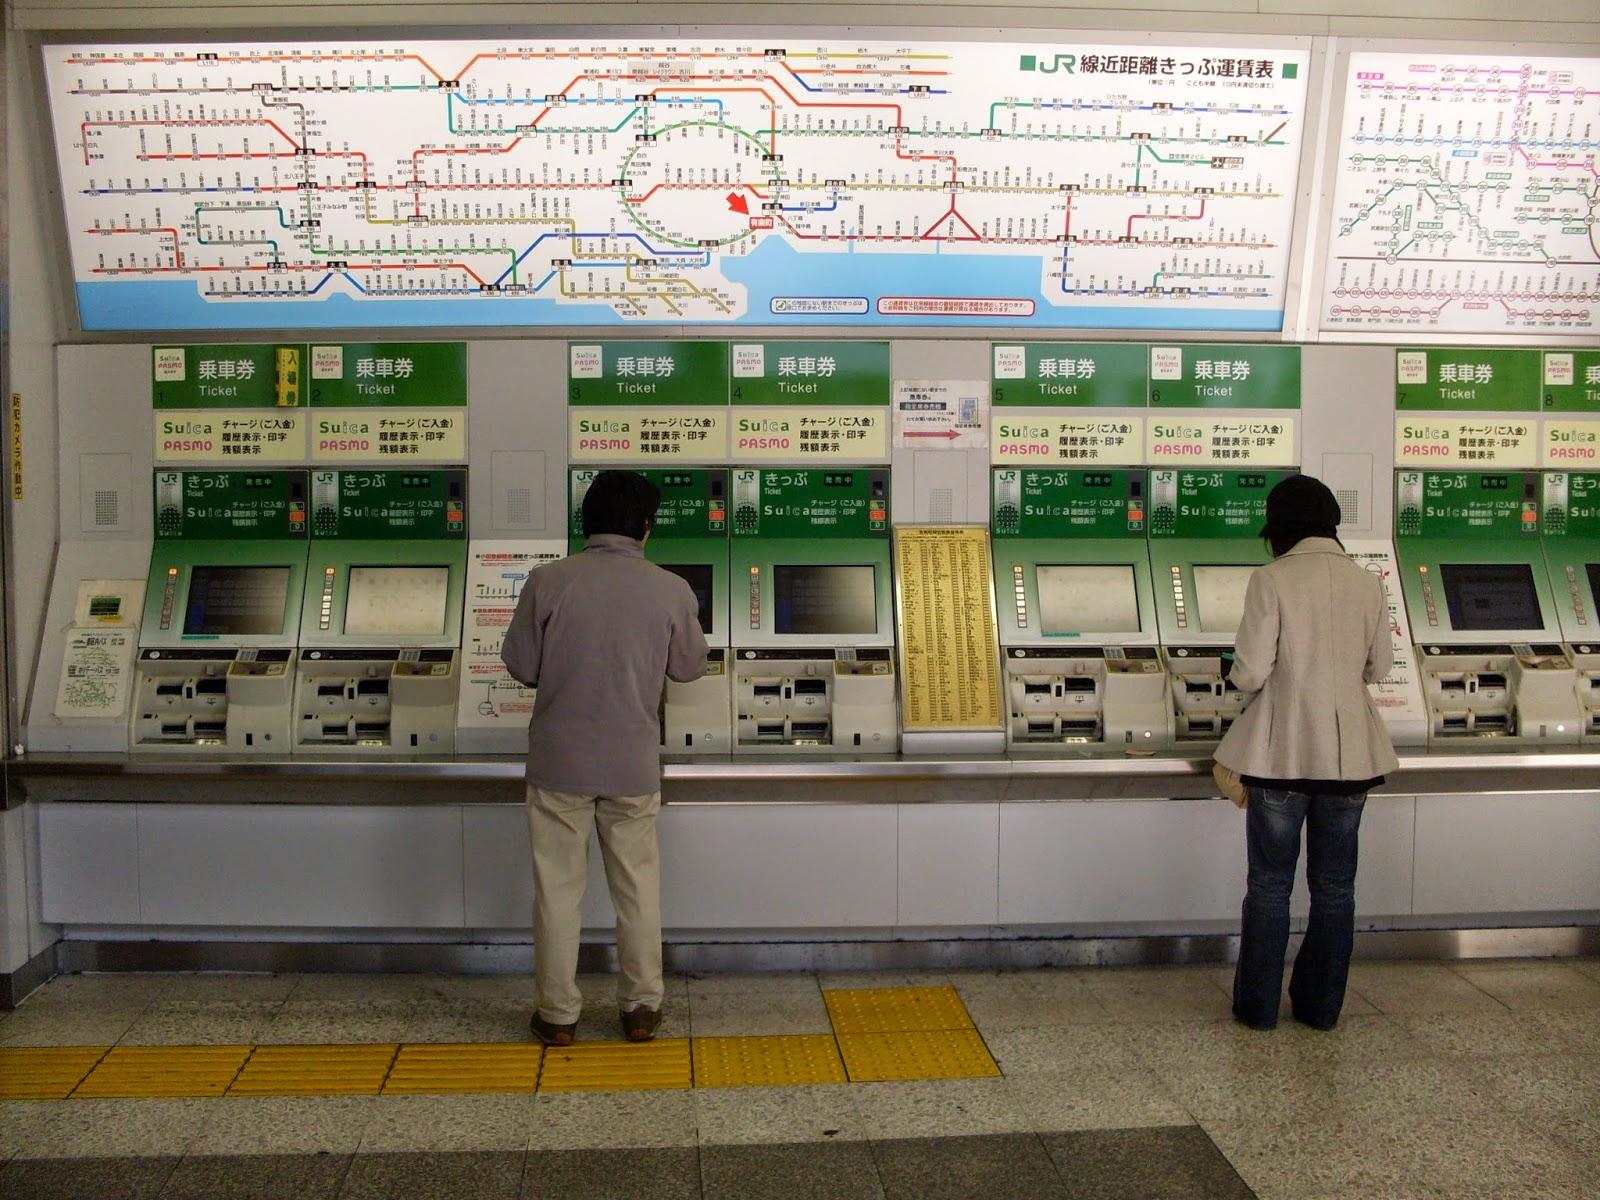 Tokyo subway underground